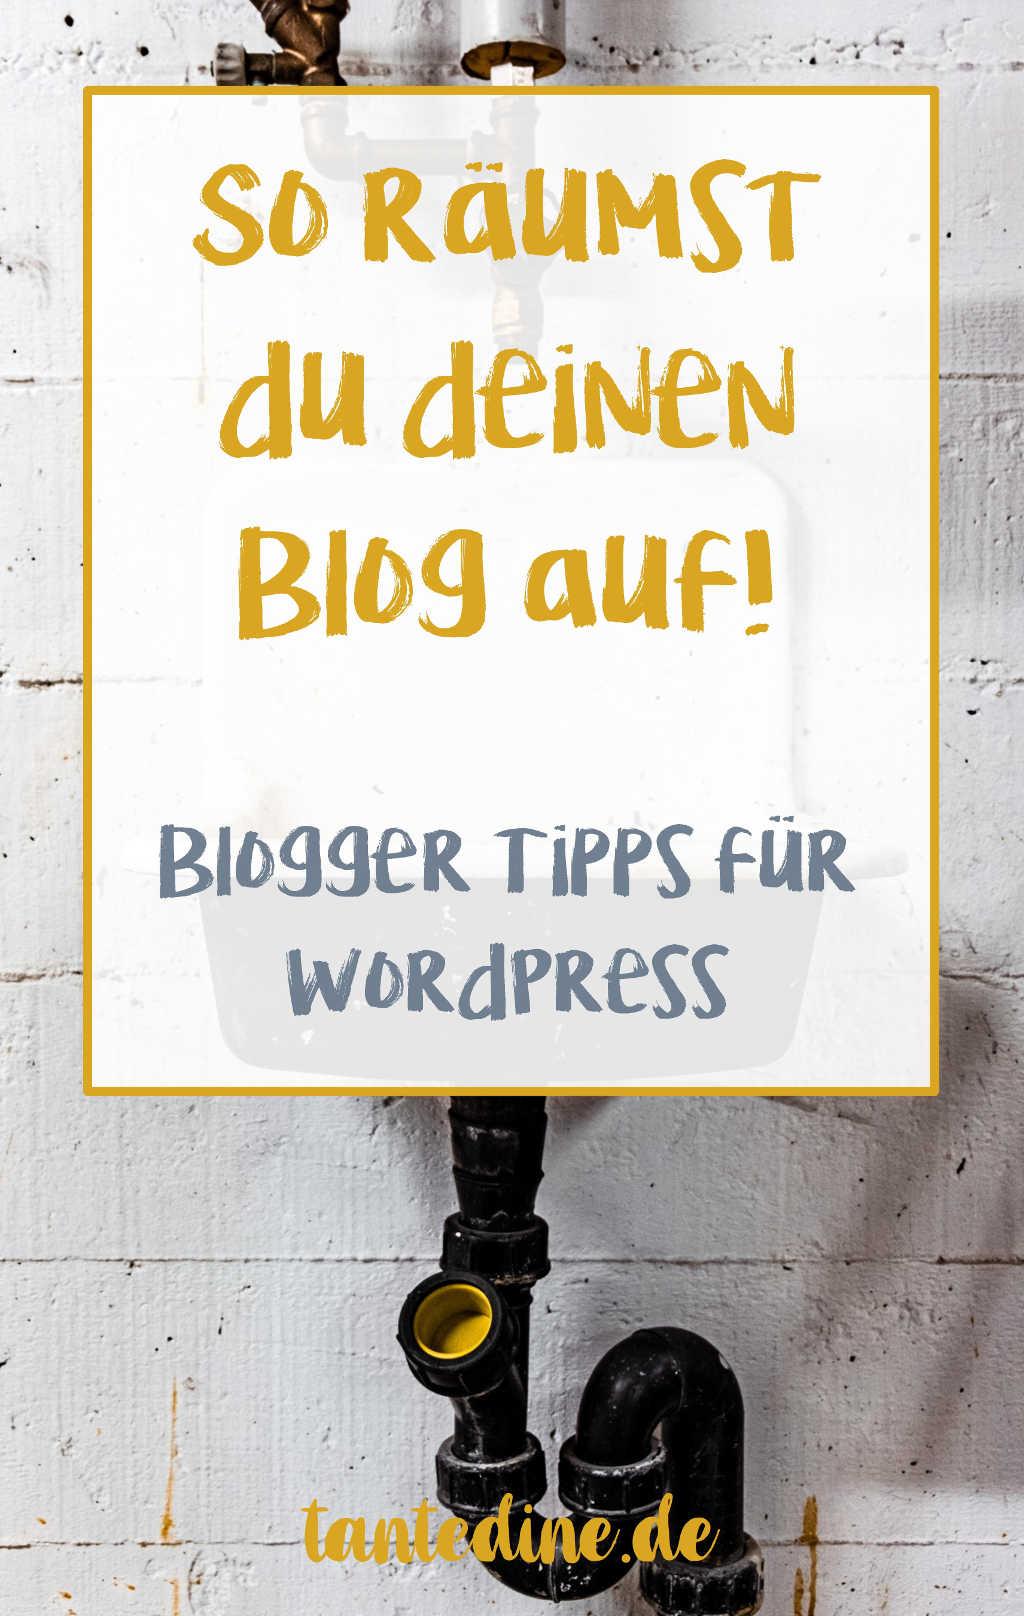 Frühjahrsputz Blog aufräumen ausmisten Blogger Tipps WordPress tantedine